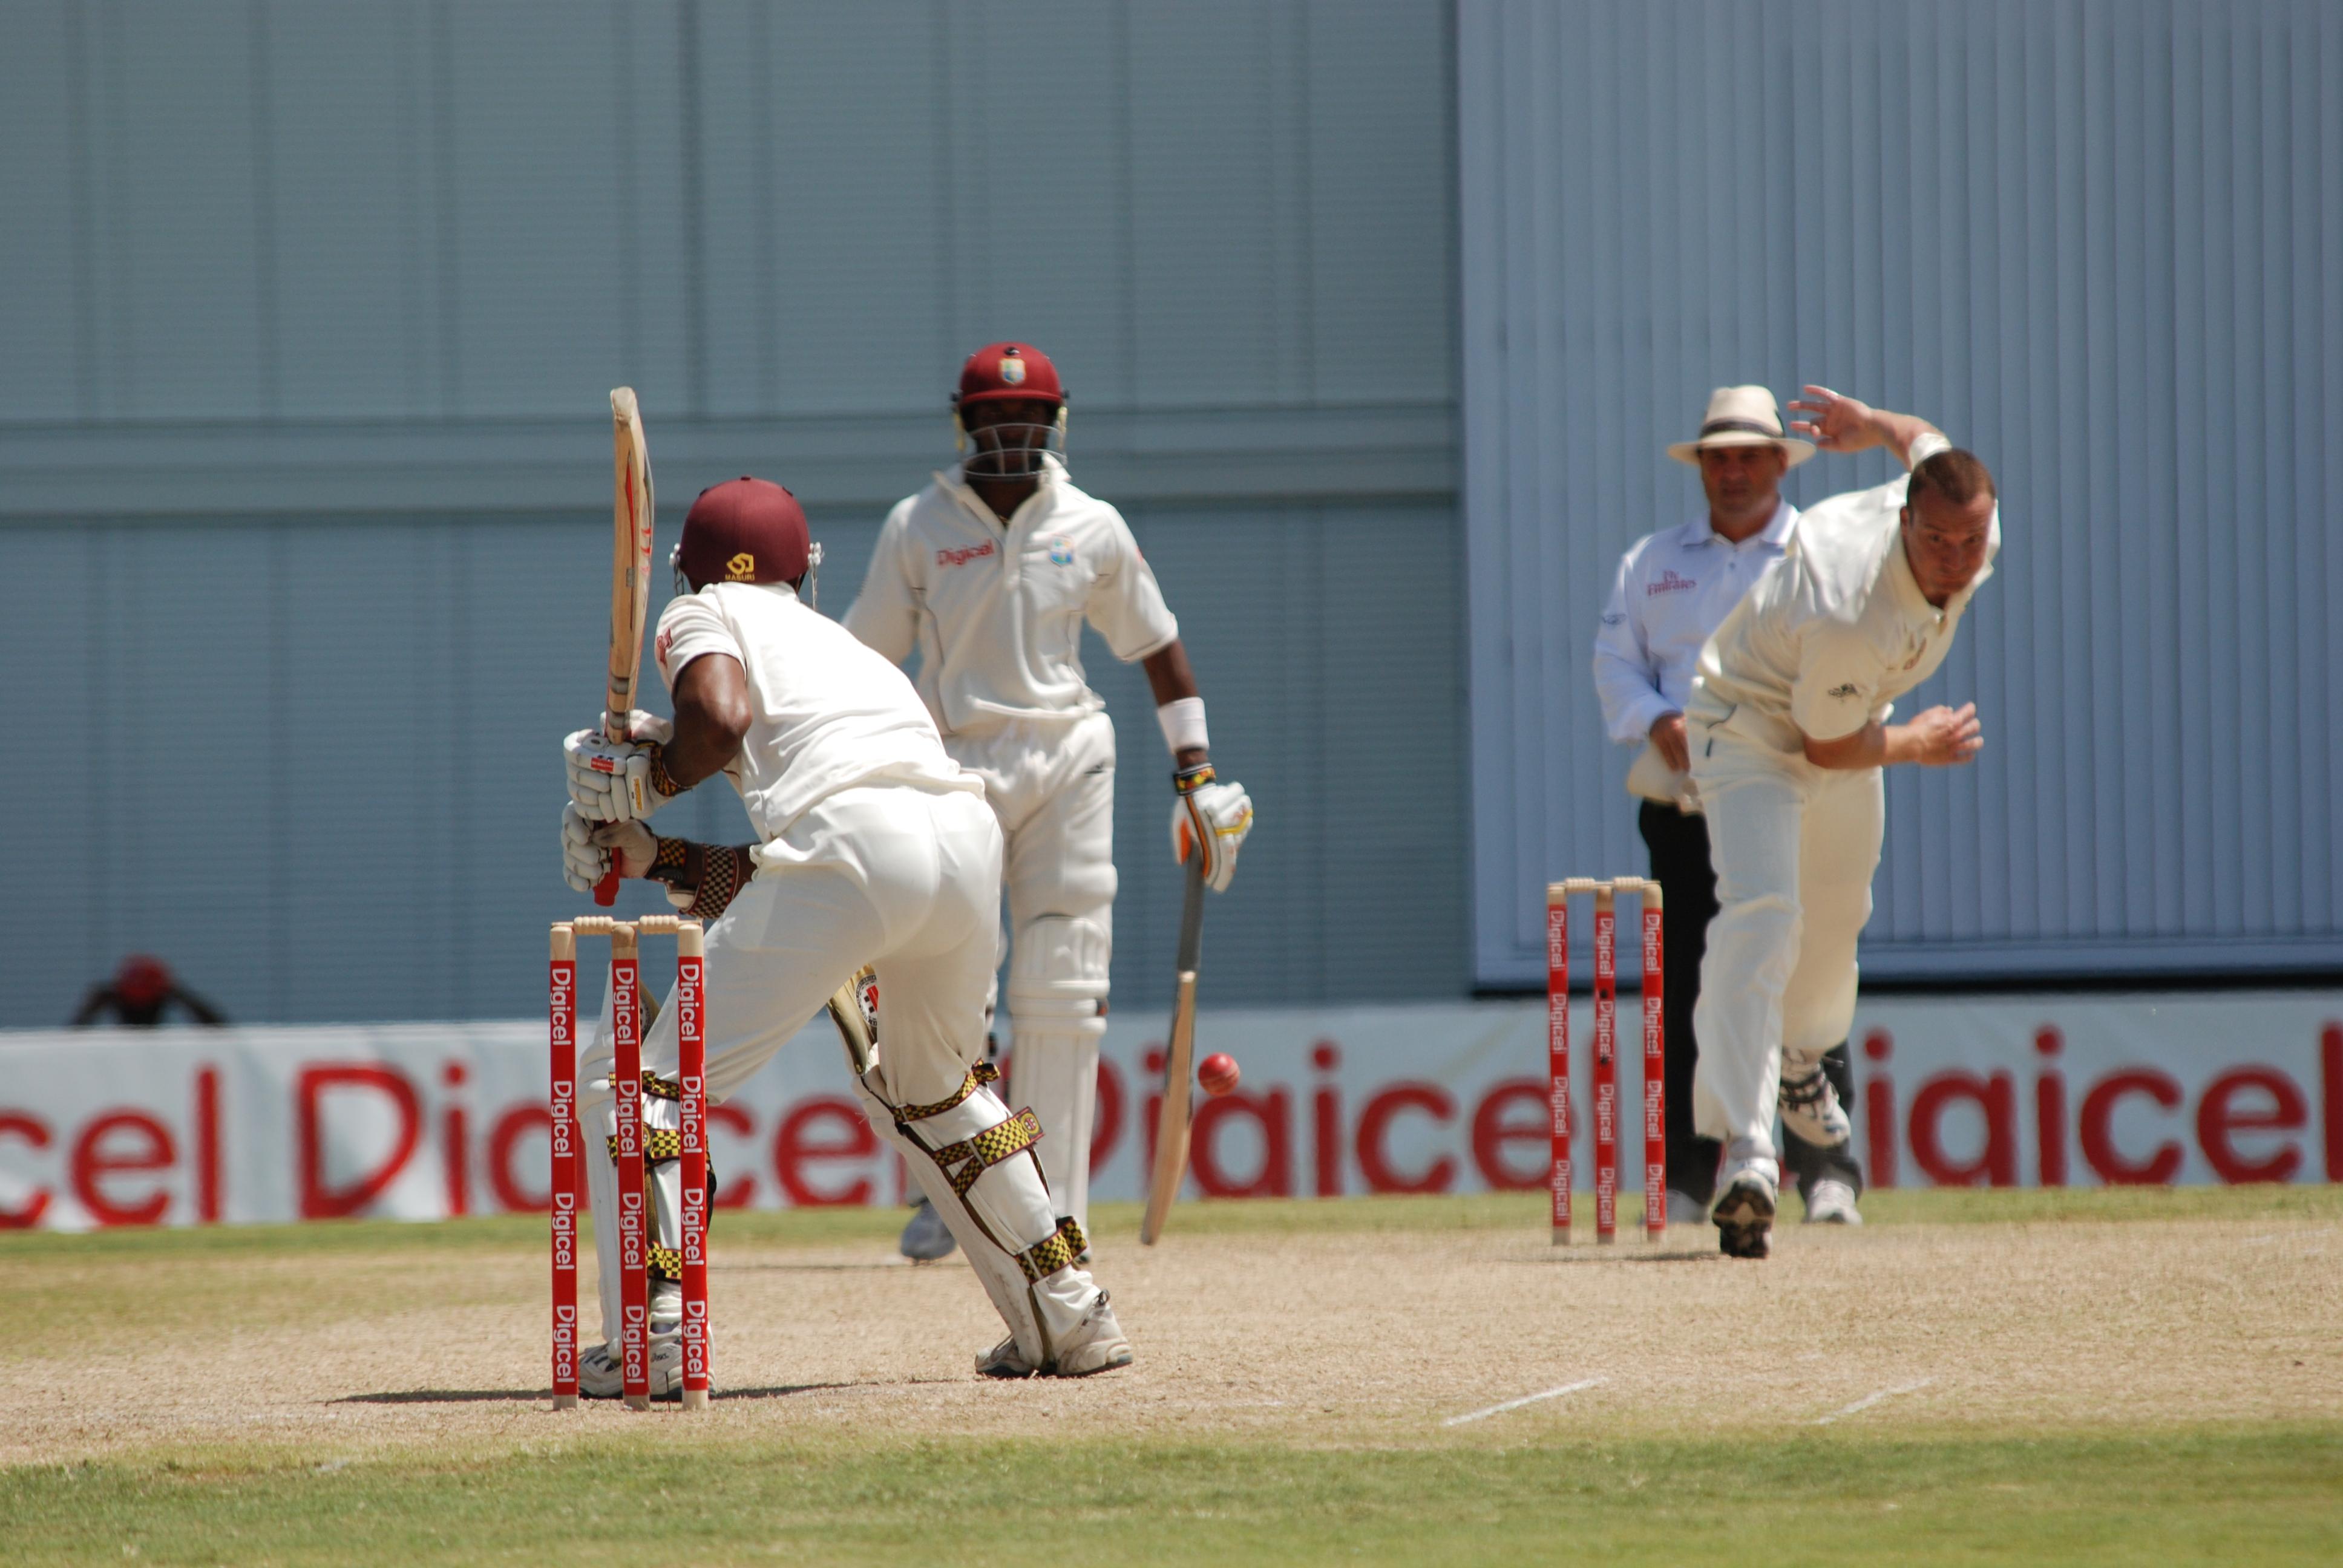 Caribbean T20 2012 Cricket Cricket At Sporting Barbados